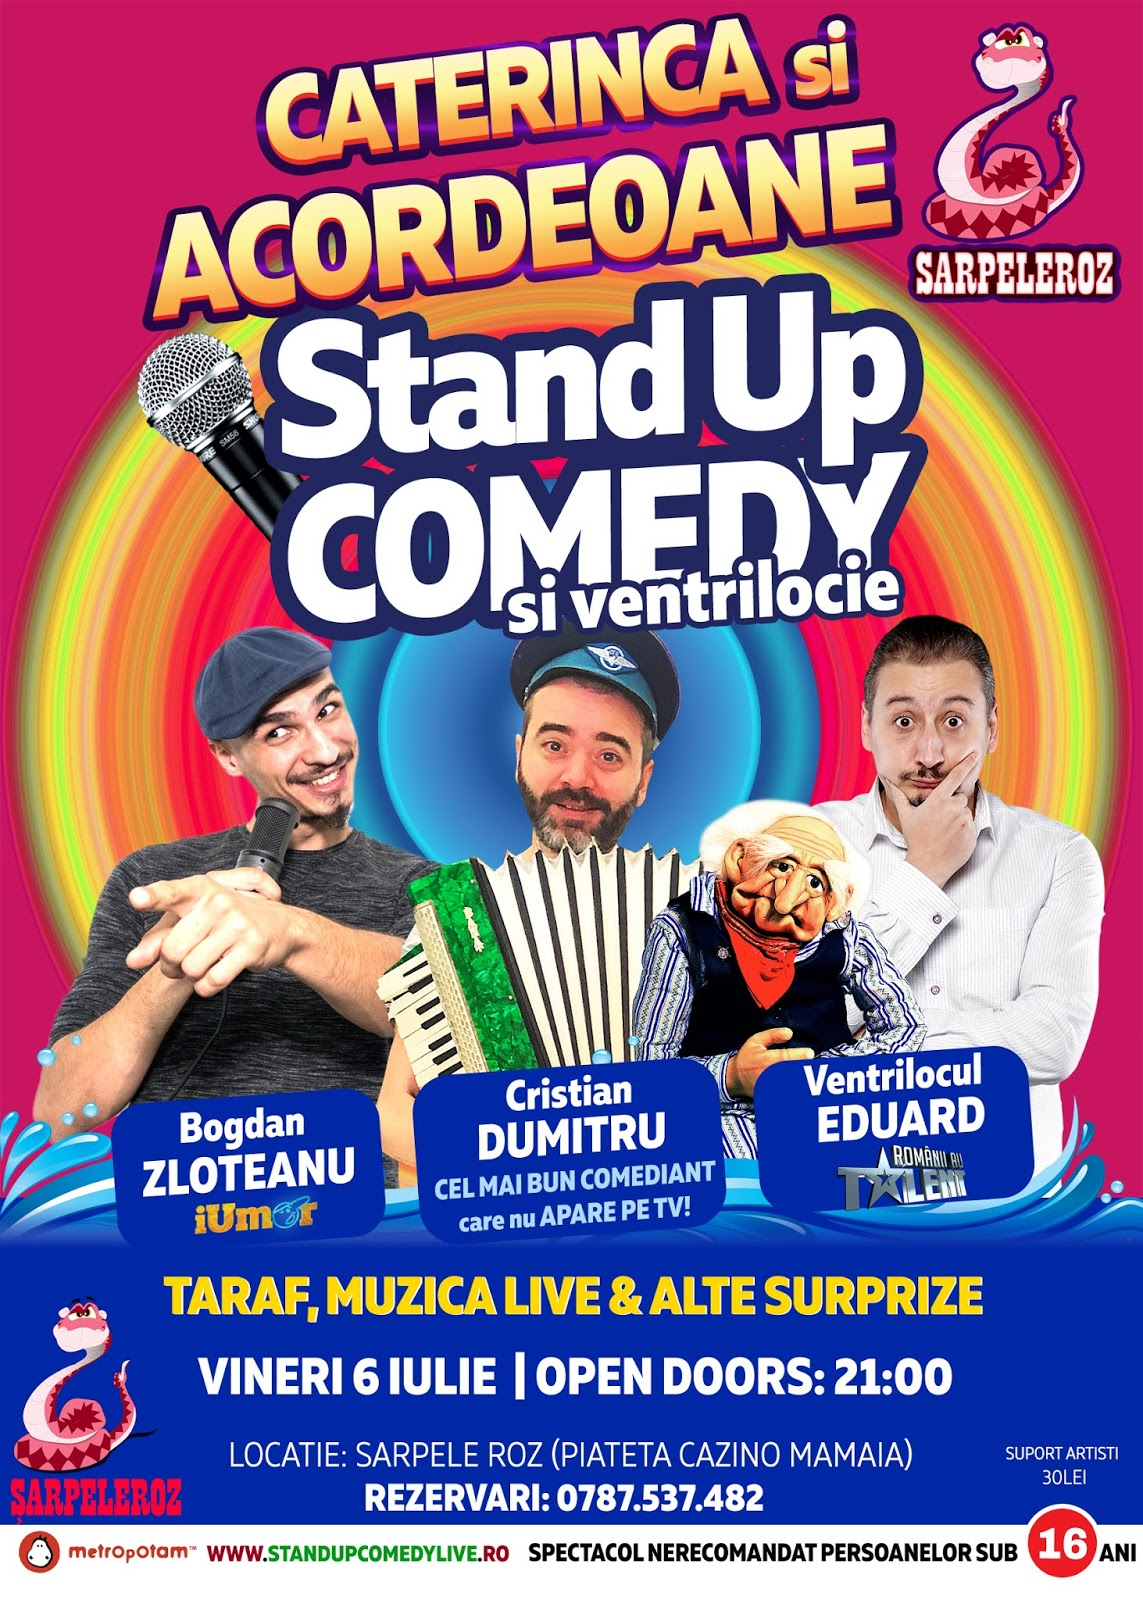 Caterinca si Acordeoane! (Stand-Up Comedy & Ventrilocie)